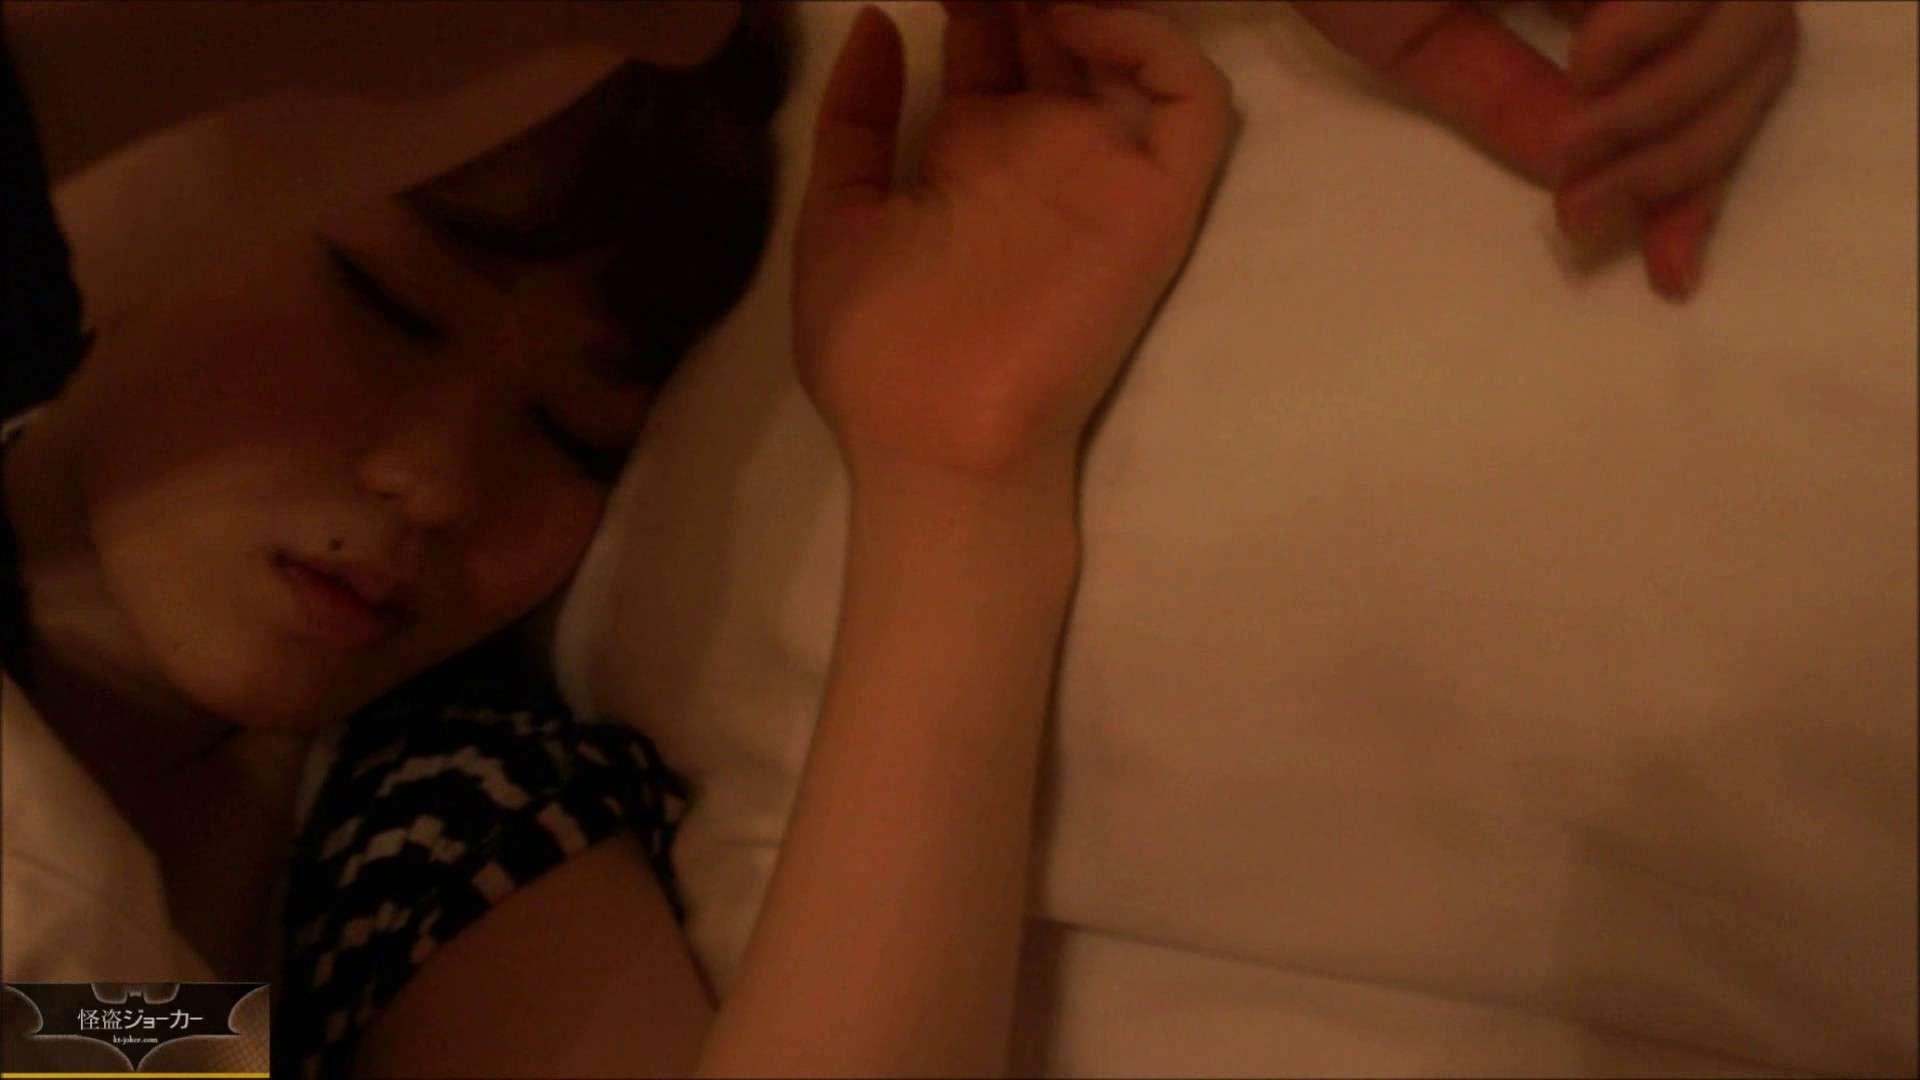 vol.4【白衣の天使23歳】☆のりこちゃん☆ホテルお持ち帰り。朦朧のまま感じて 悪戯 アダルト動画キャプチャ 27連発 12